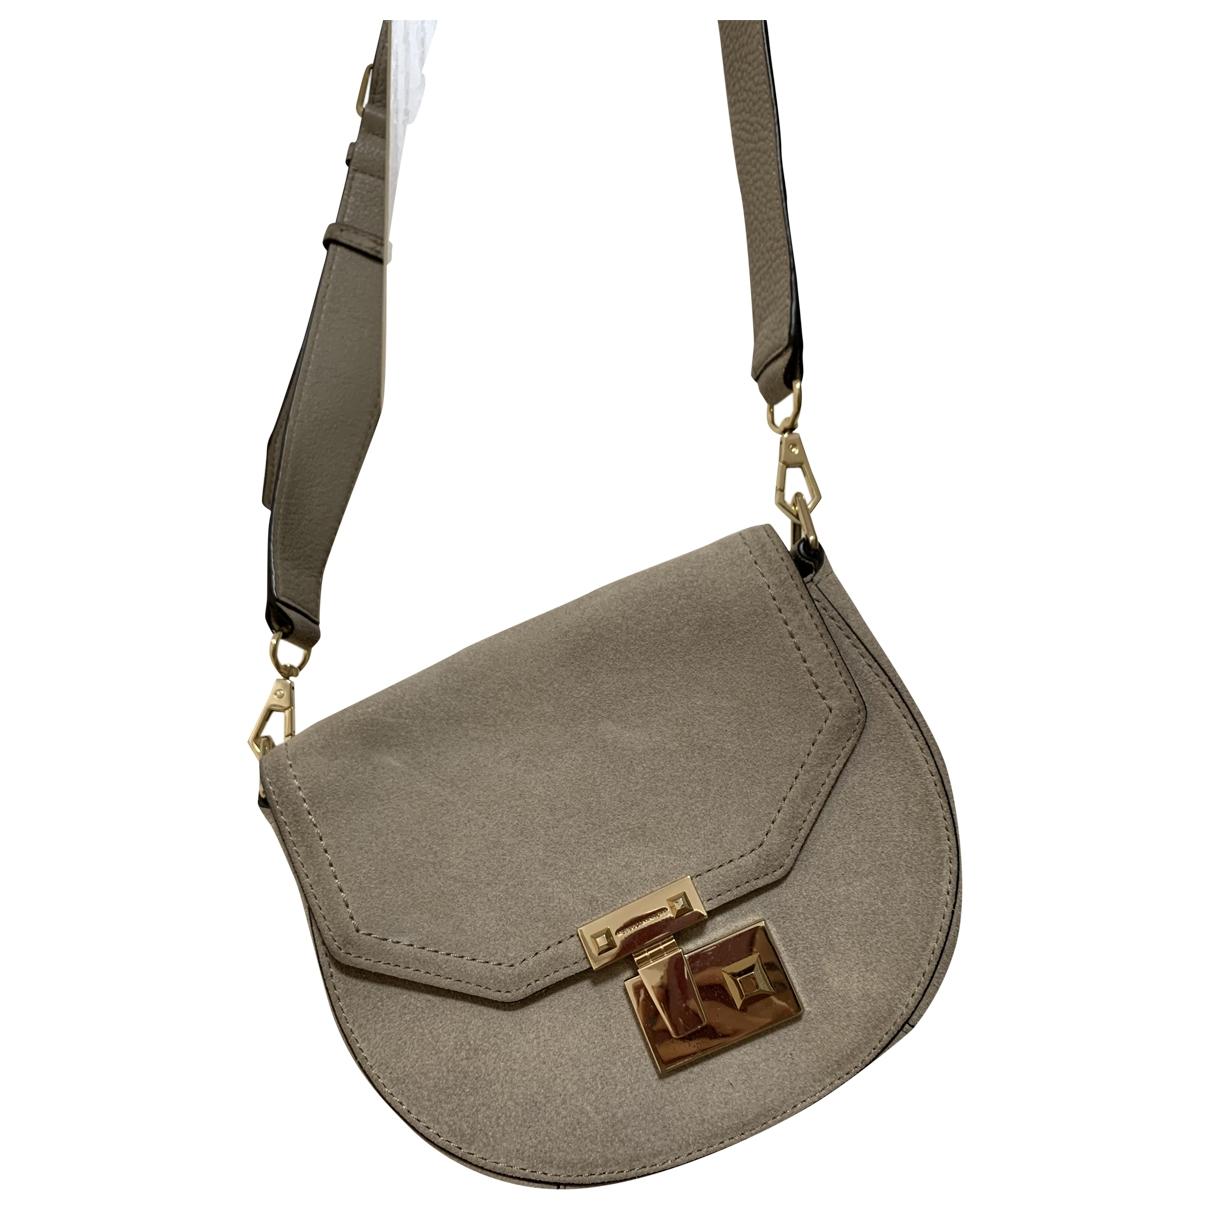 Rebecca Minkoff \N Handtasche in  Beige Veloursleder